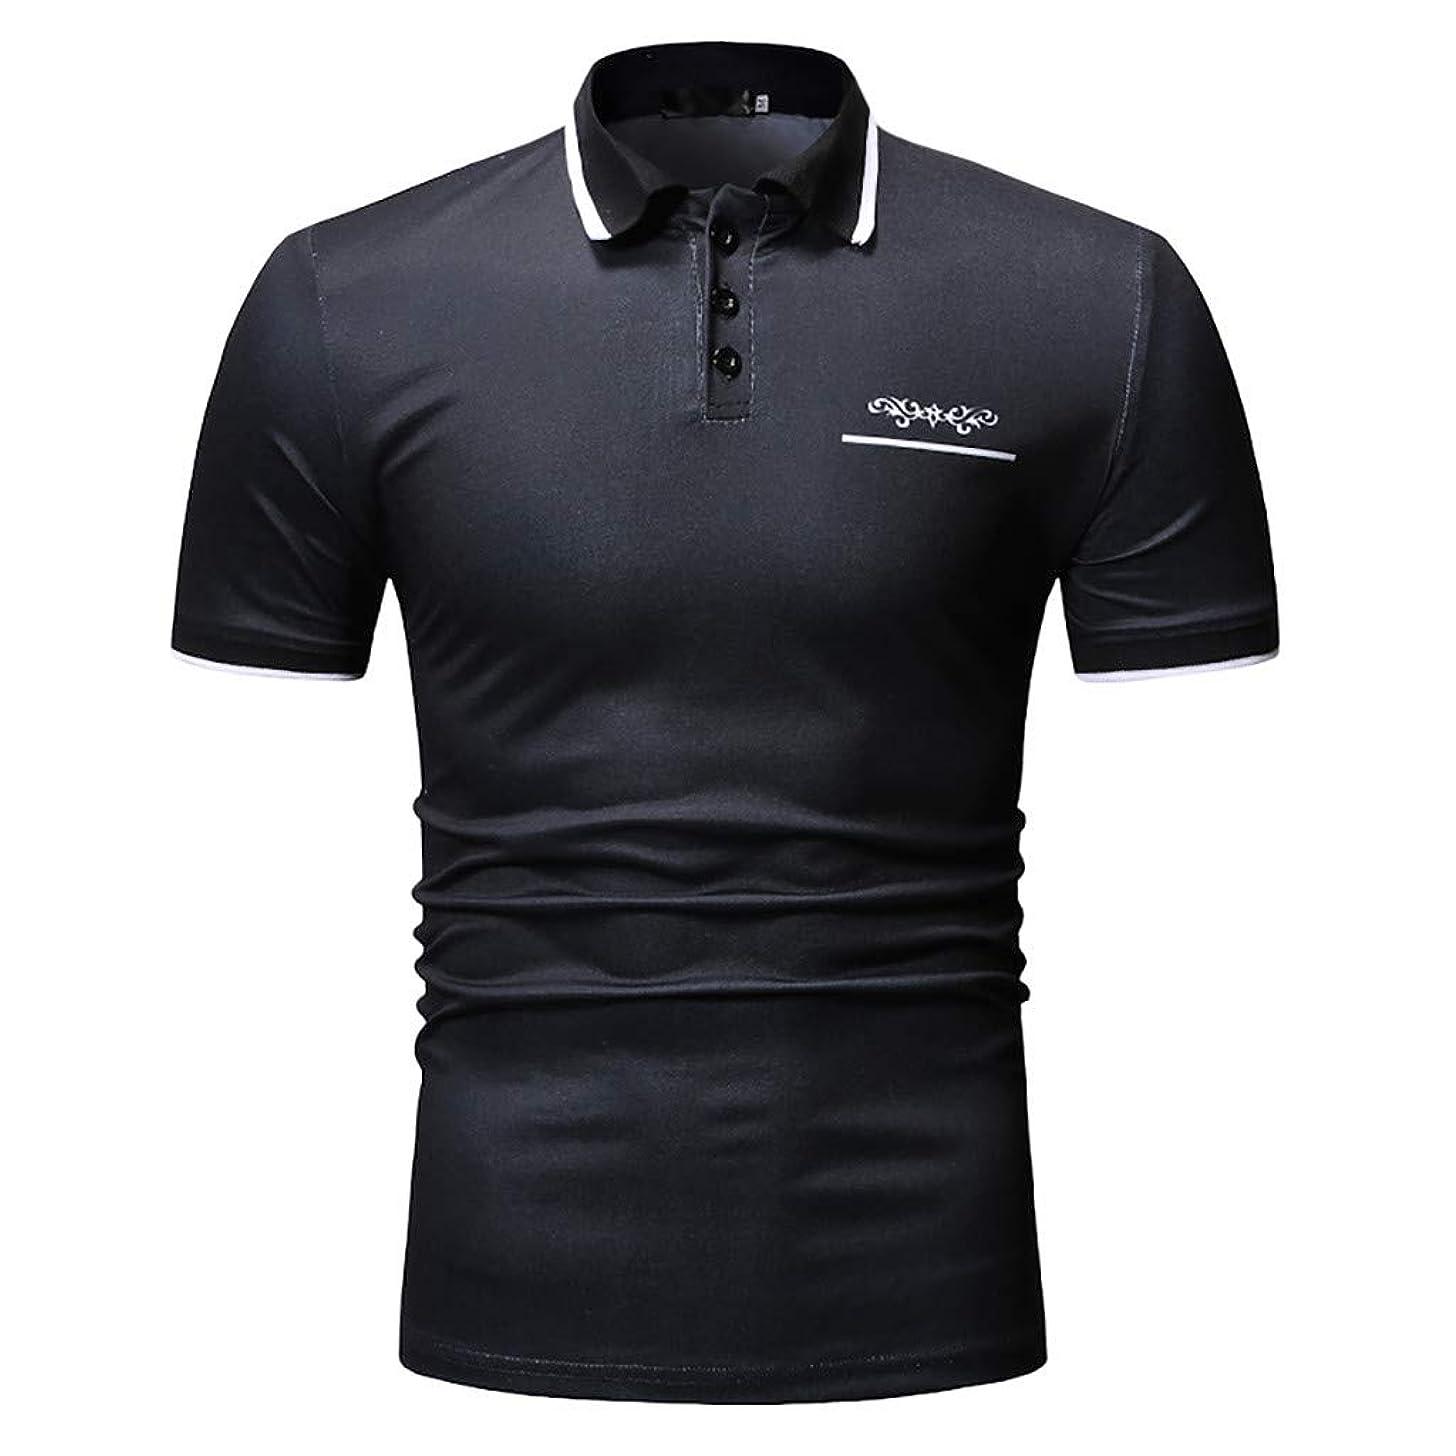 HimTak New Spring And Summer Hot Men's Short-Sleeved Button t-Shirt Casual Wild Slim Shirt Shirt